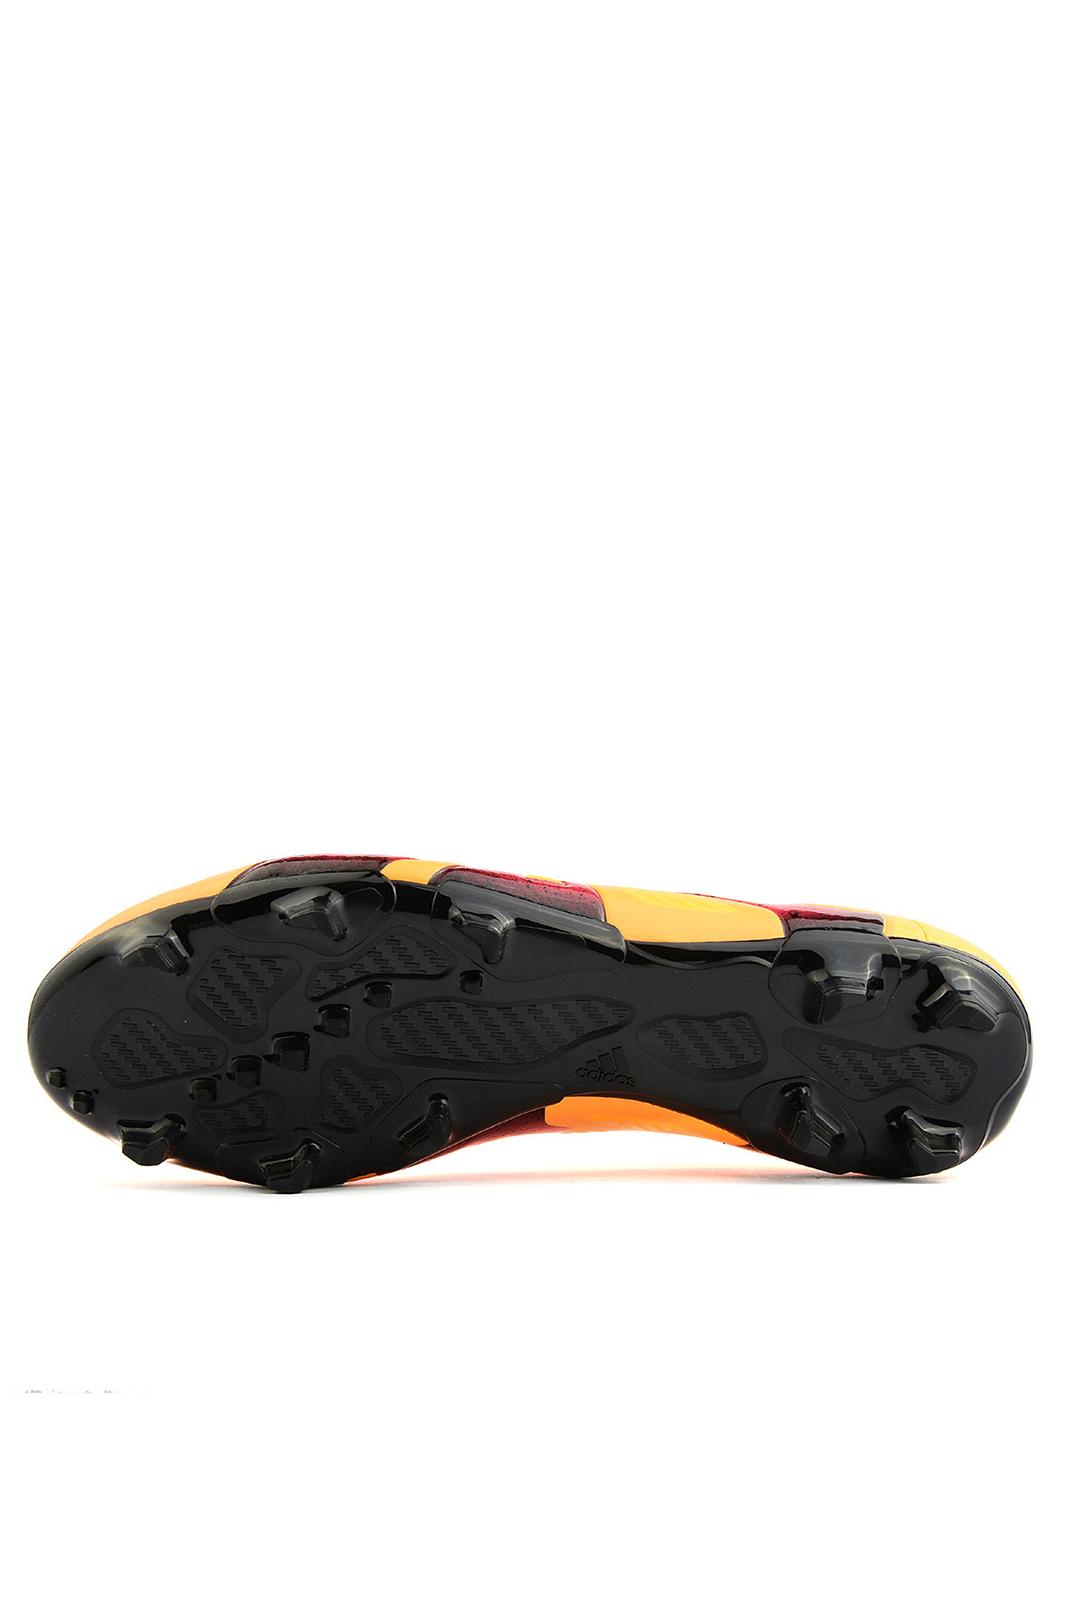 Baskets / Sport  Adidas S74632 X 15.3 FG/AG ORANGE